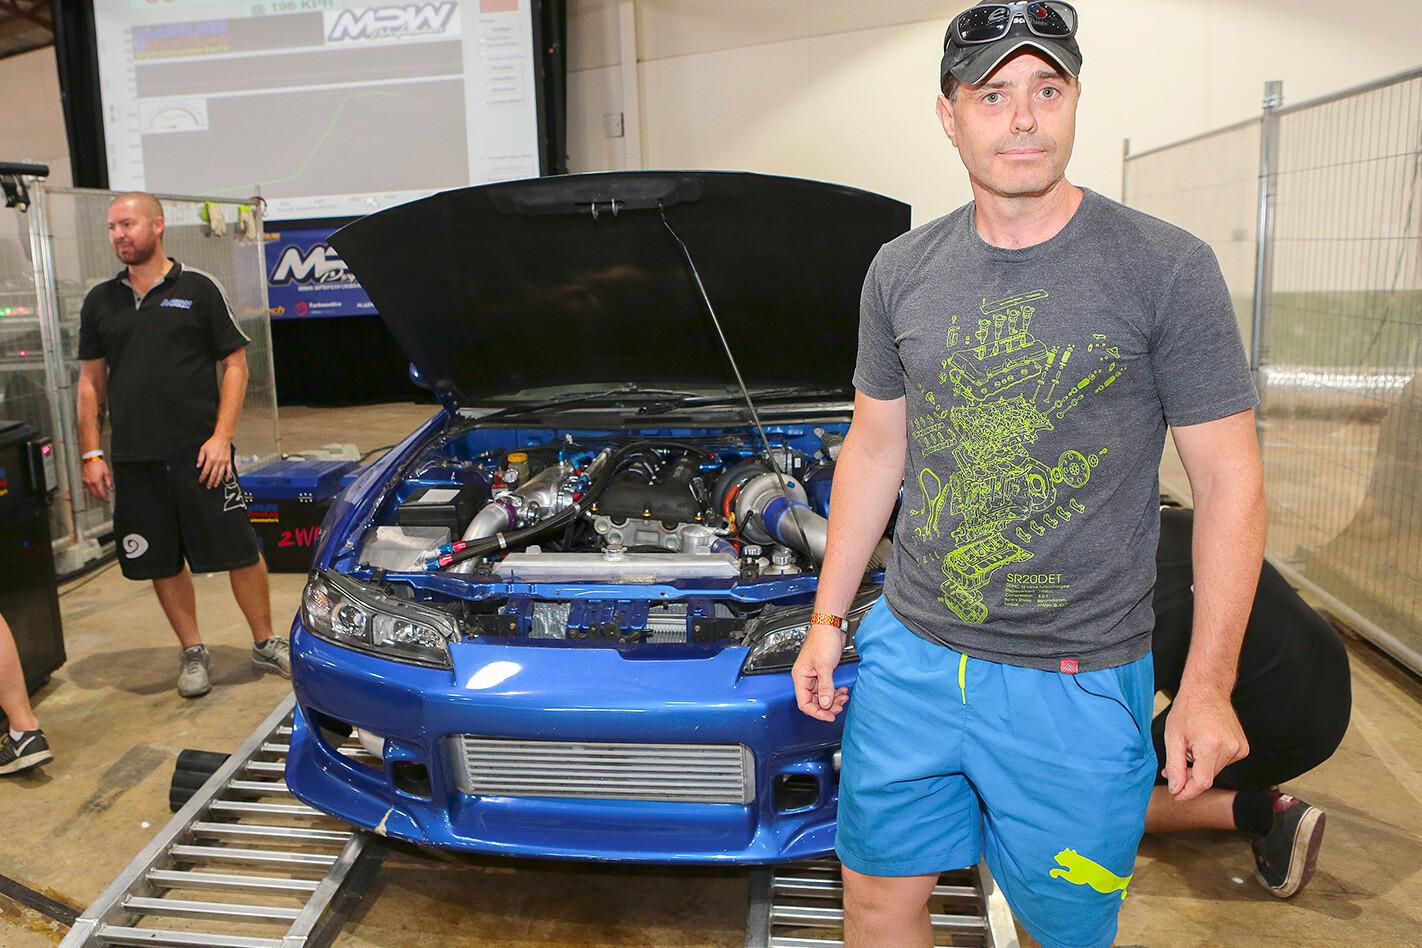 Kris Sheatuer's Nissan 200SX